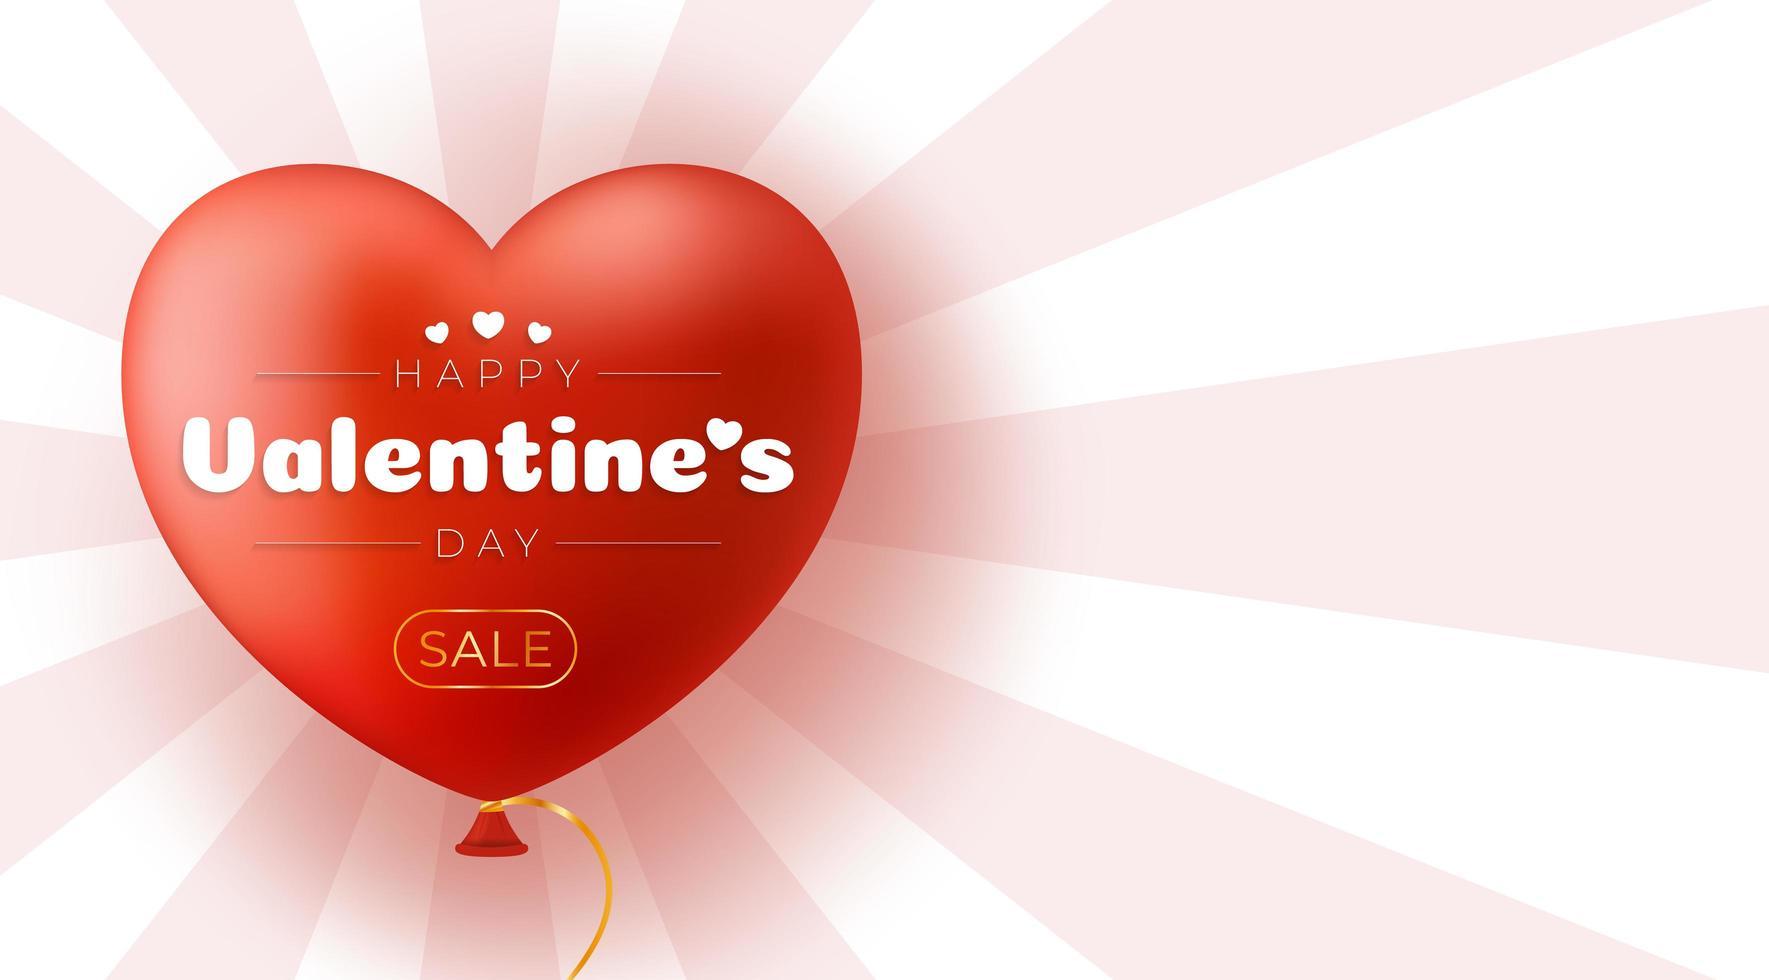 fond de vente saint valentin avec coeur ballon vecteur